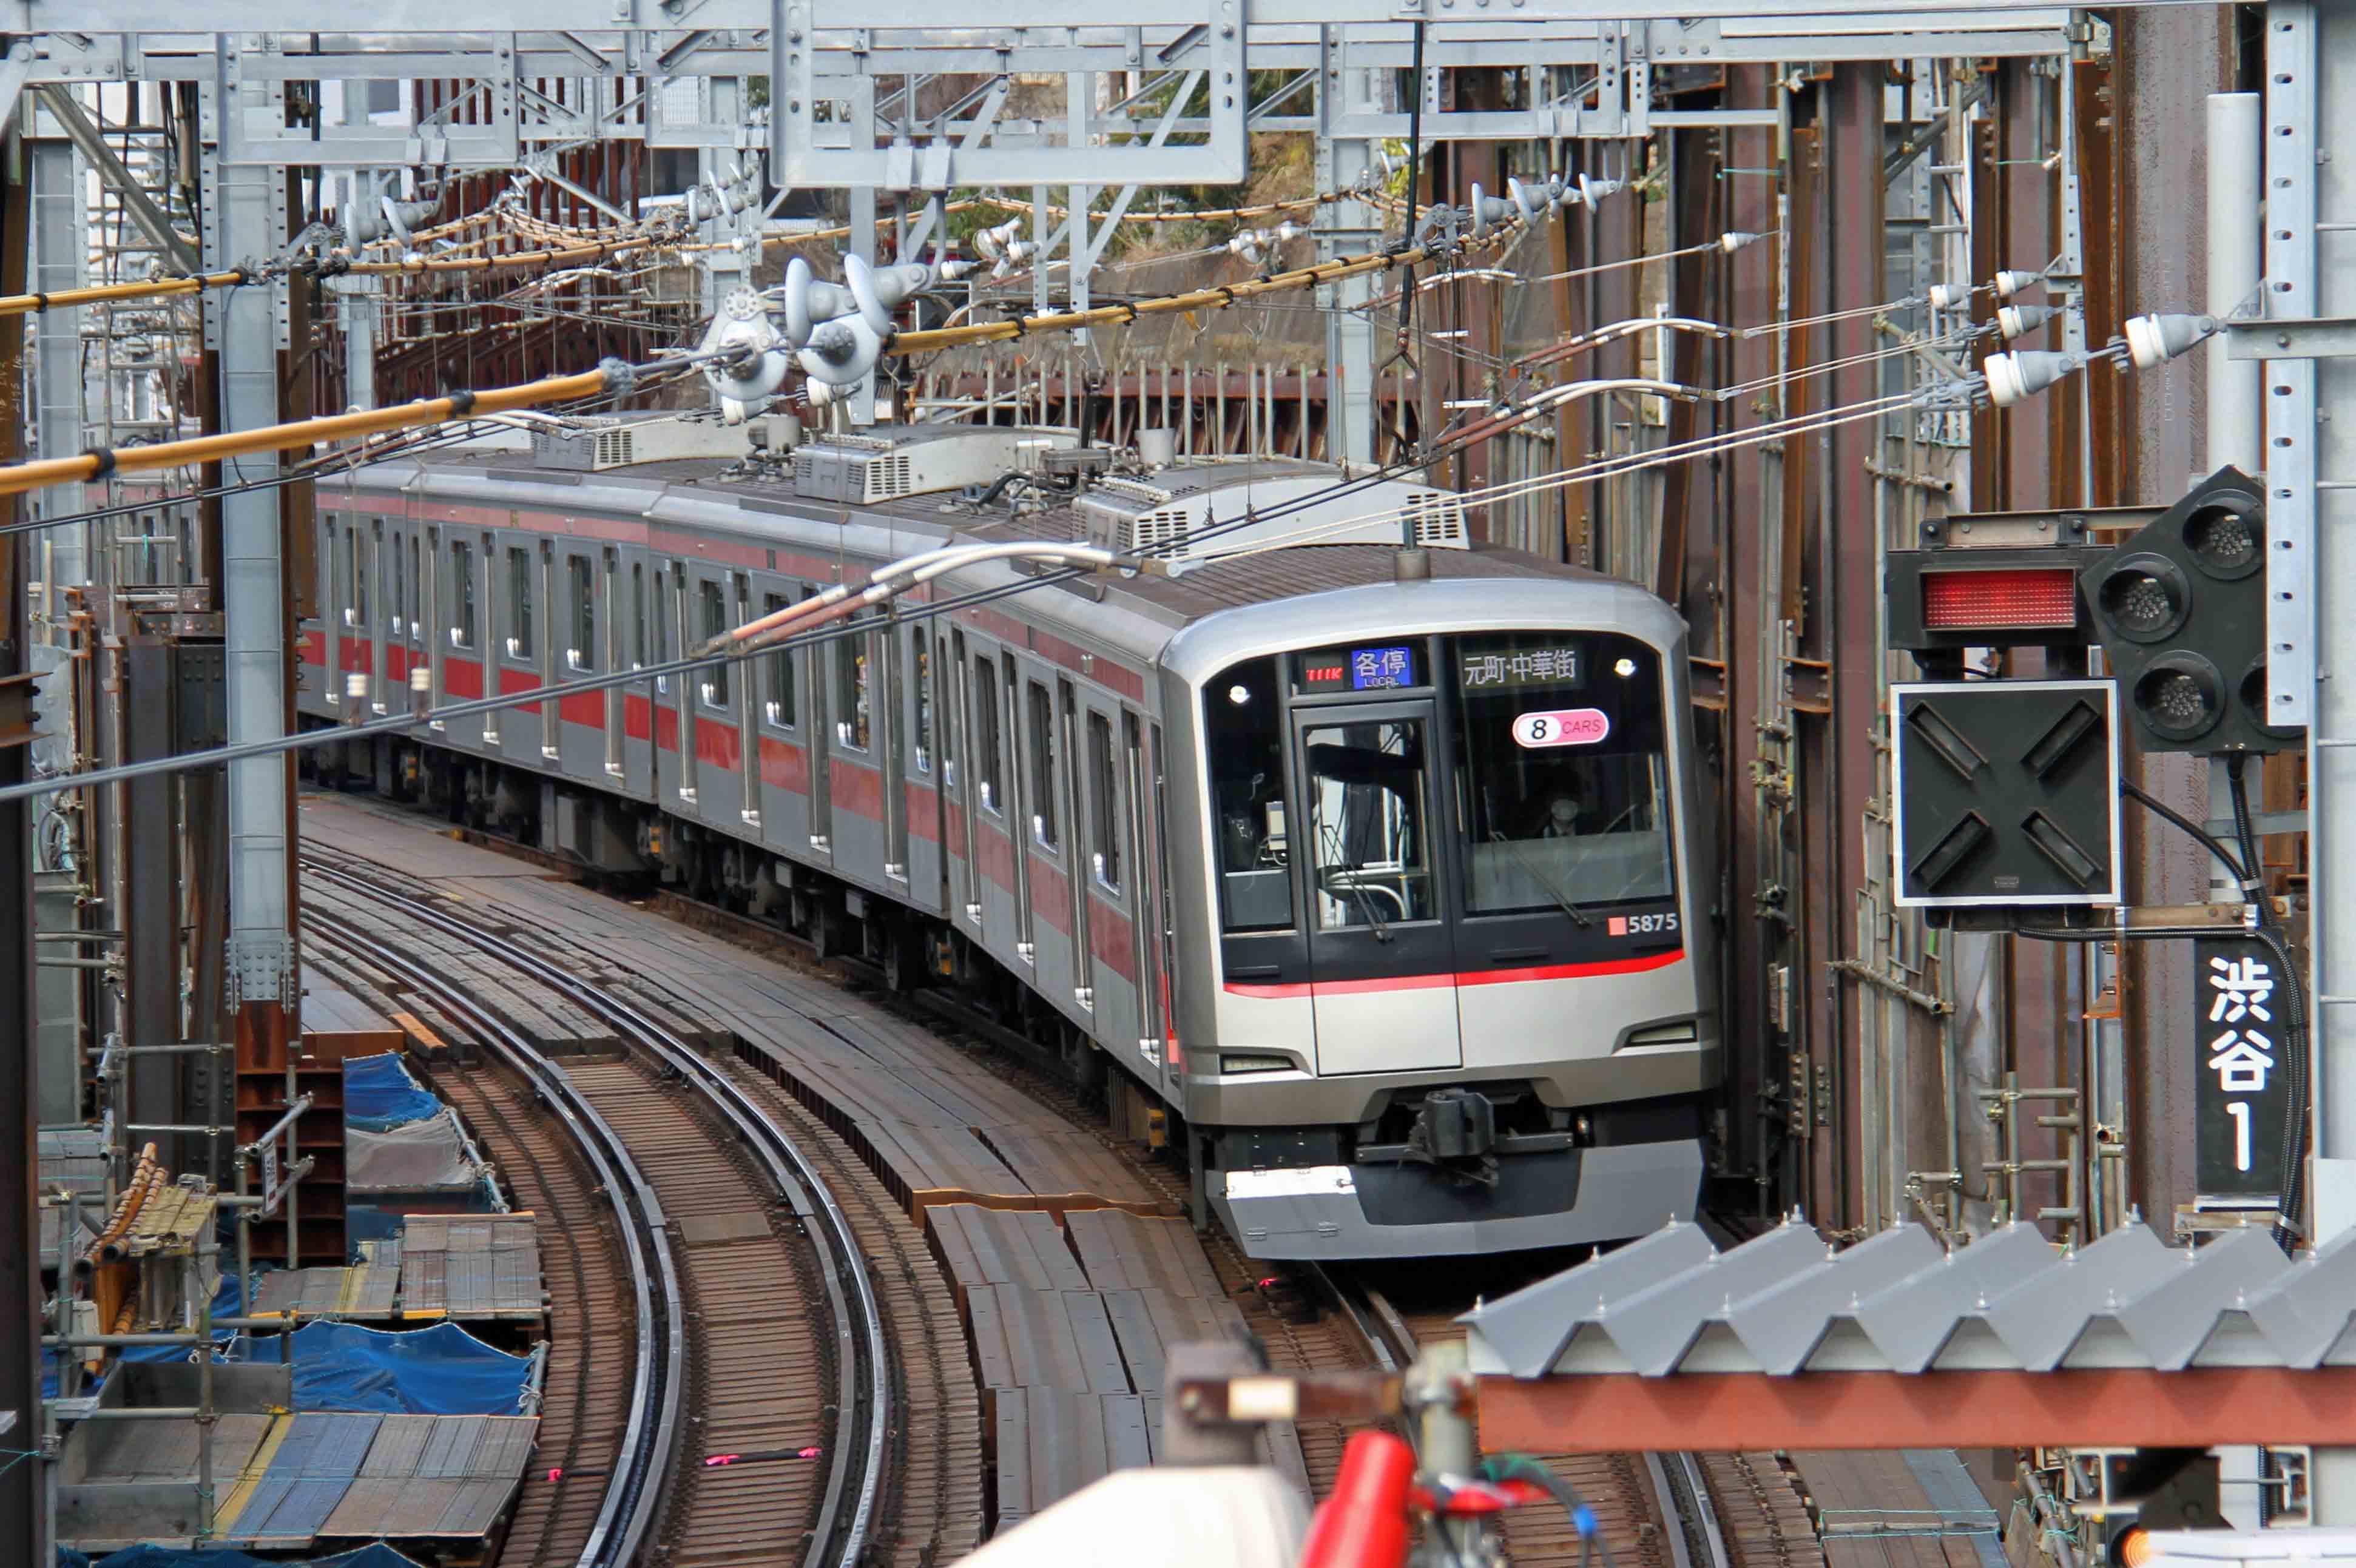 渋谷ー代官山地上区間を走行する5050系電車